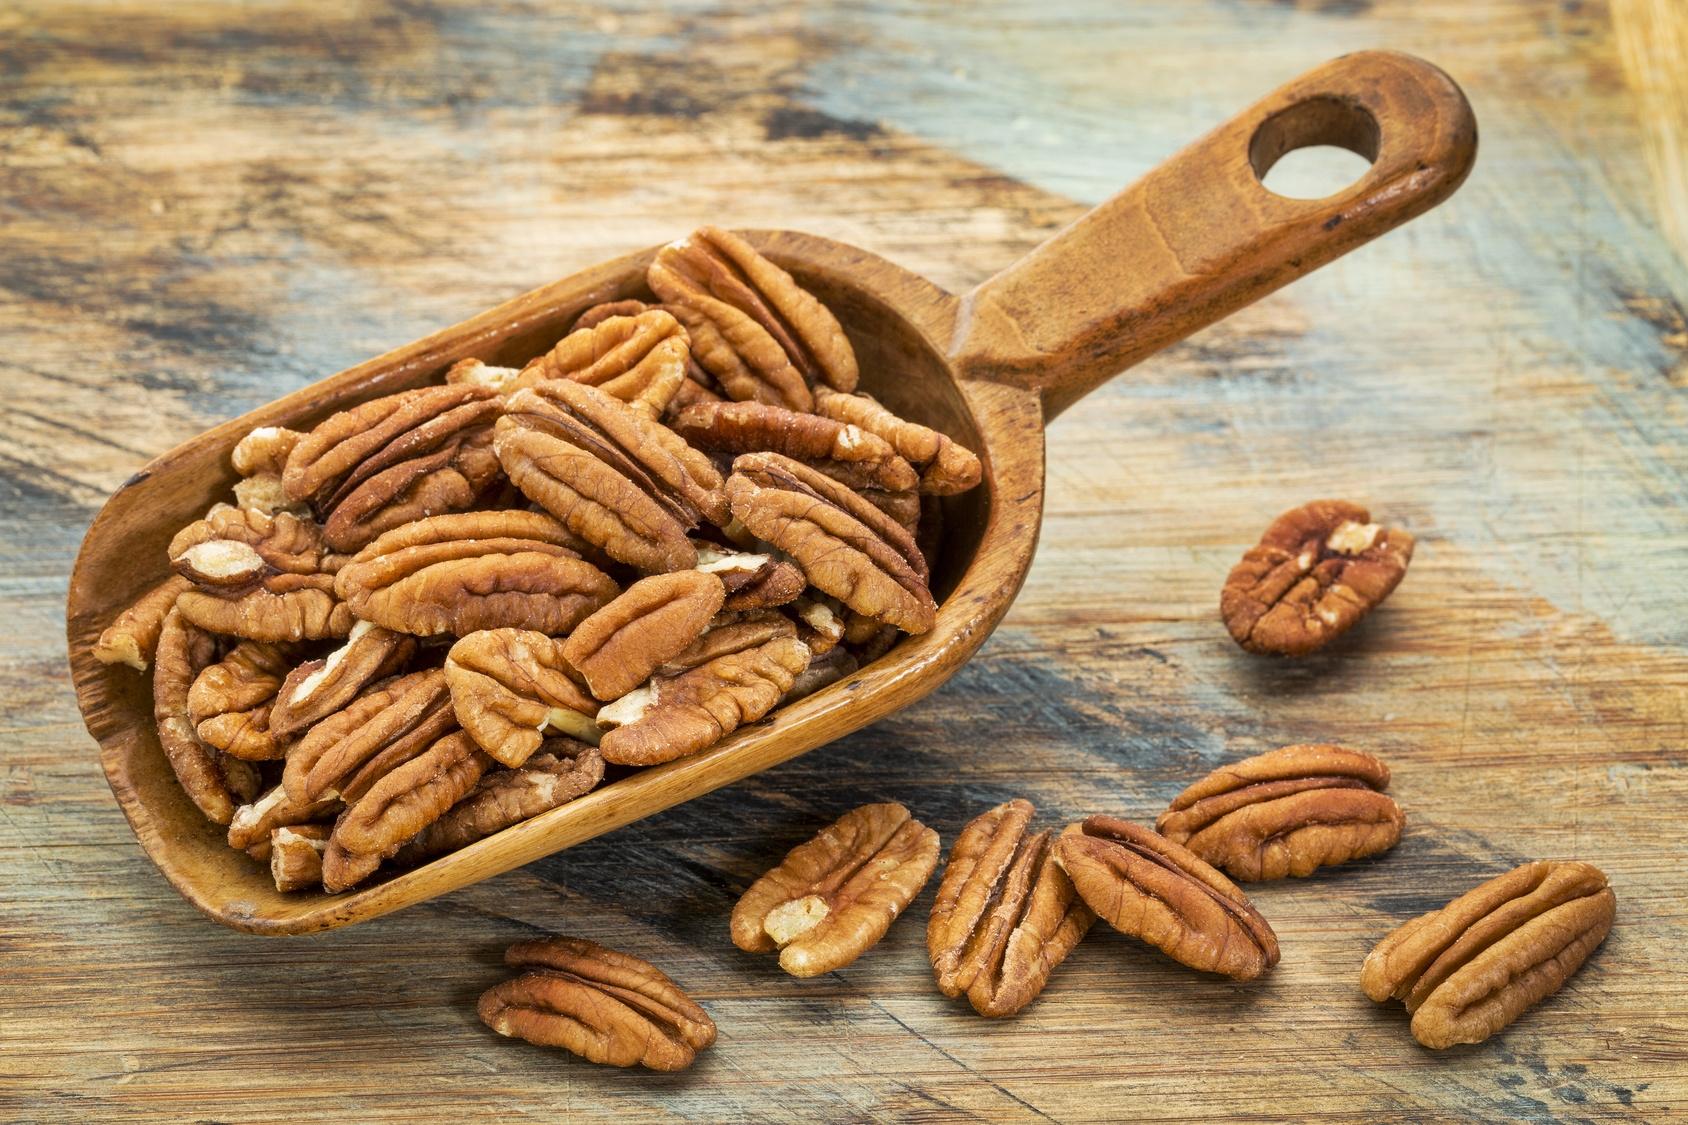 ถั่วพีแคนดิบ - Raw Pecan Nuts